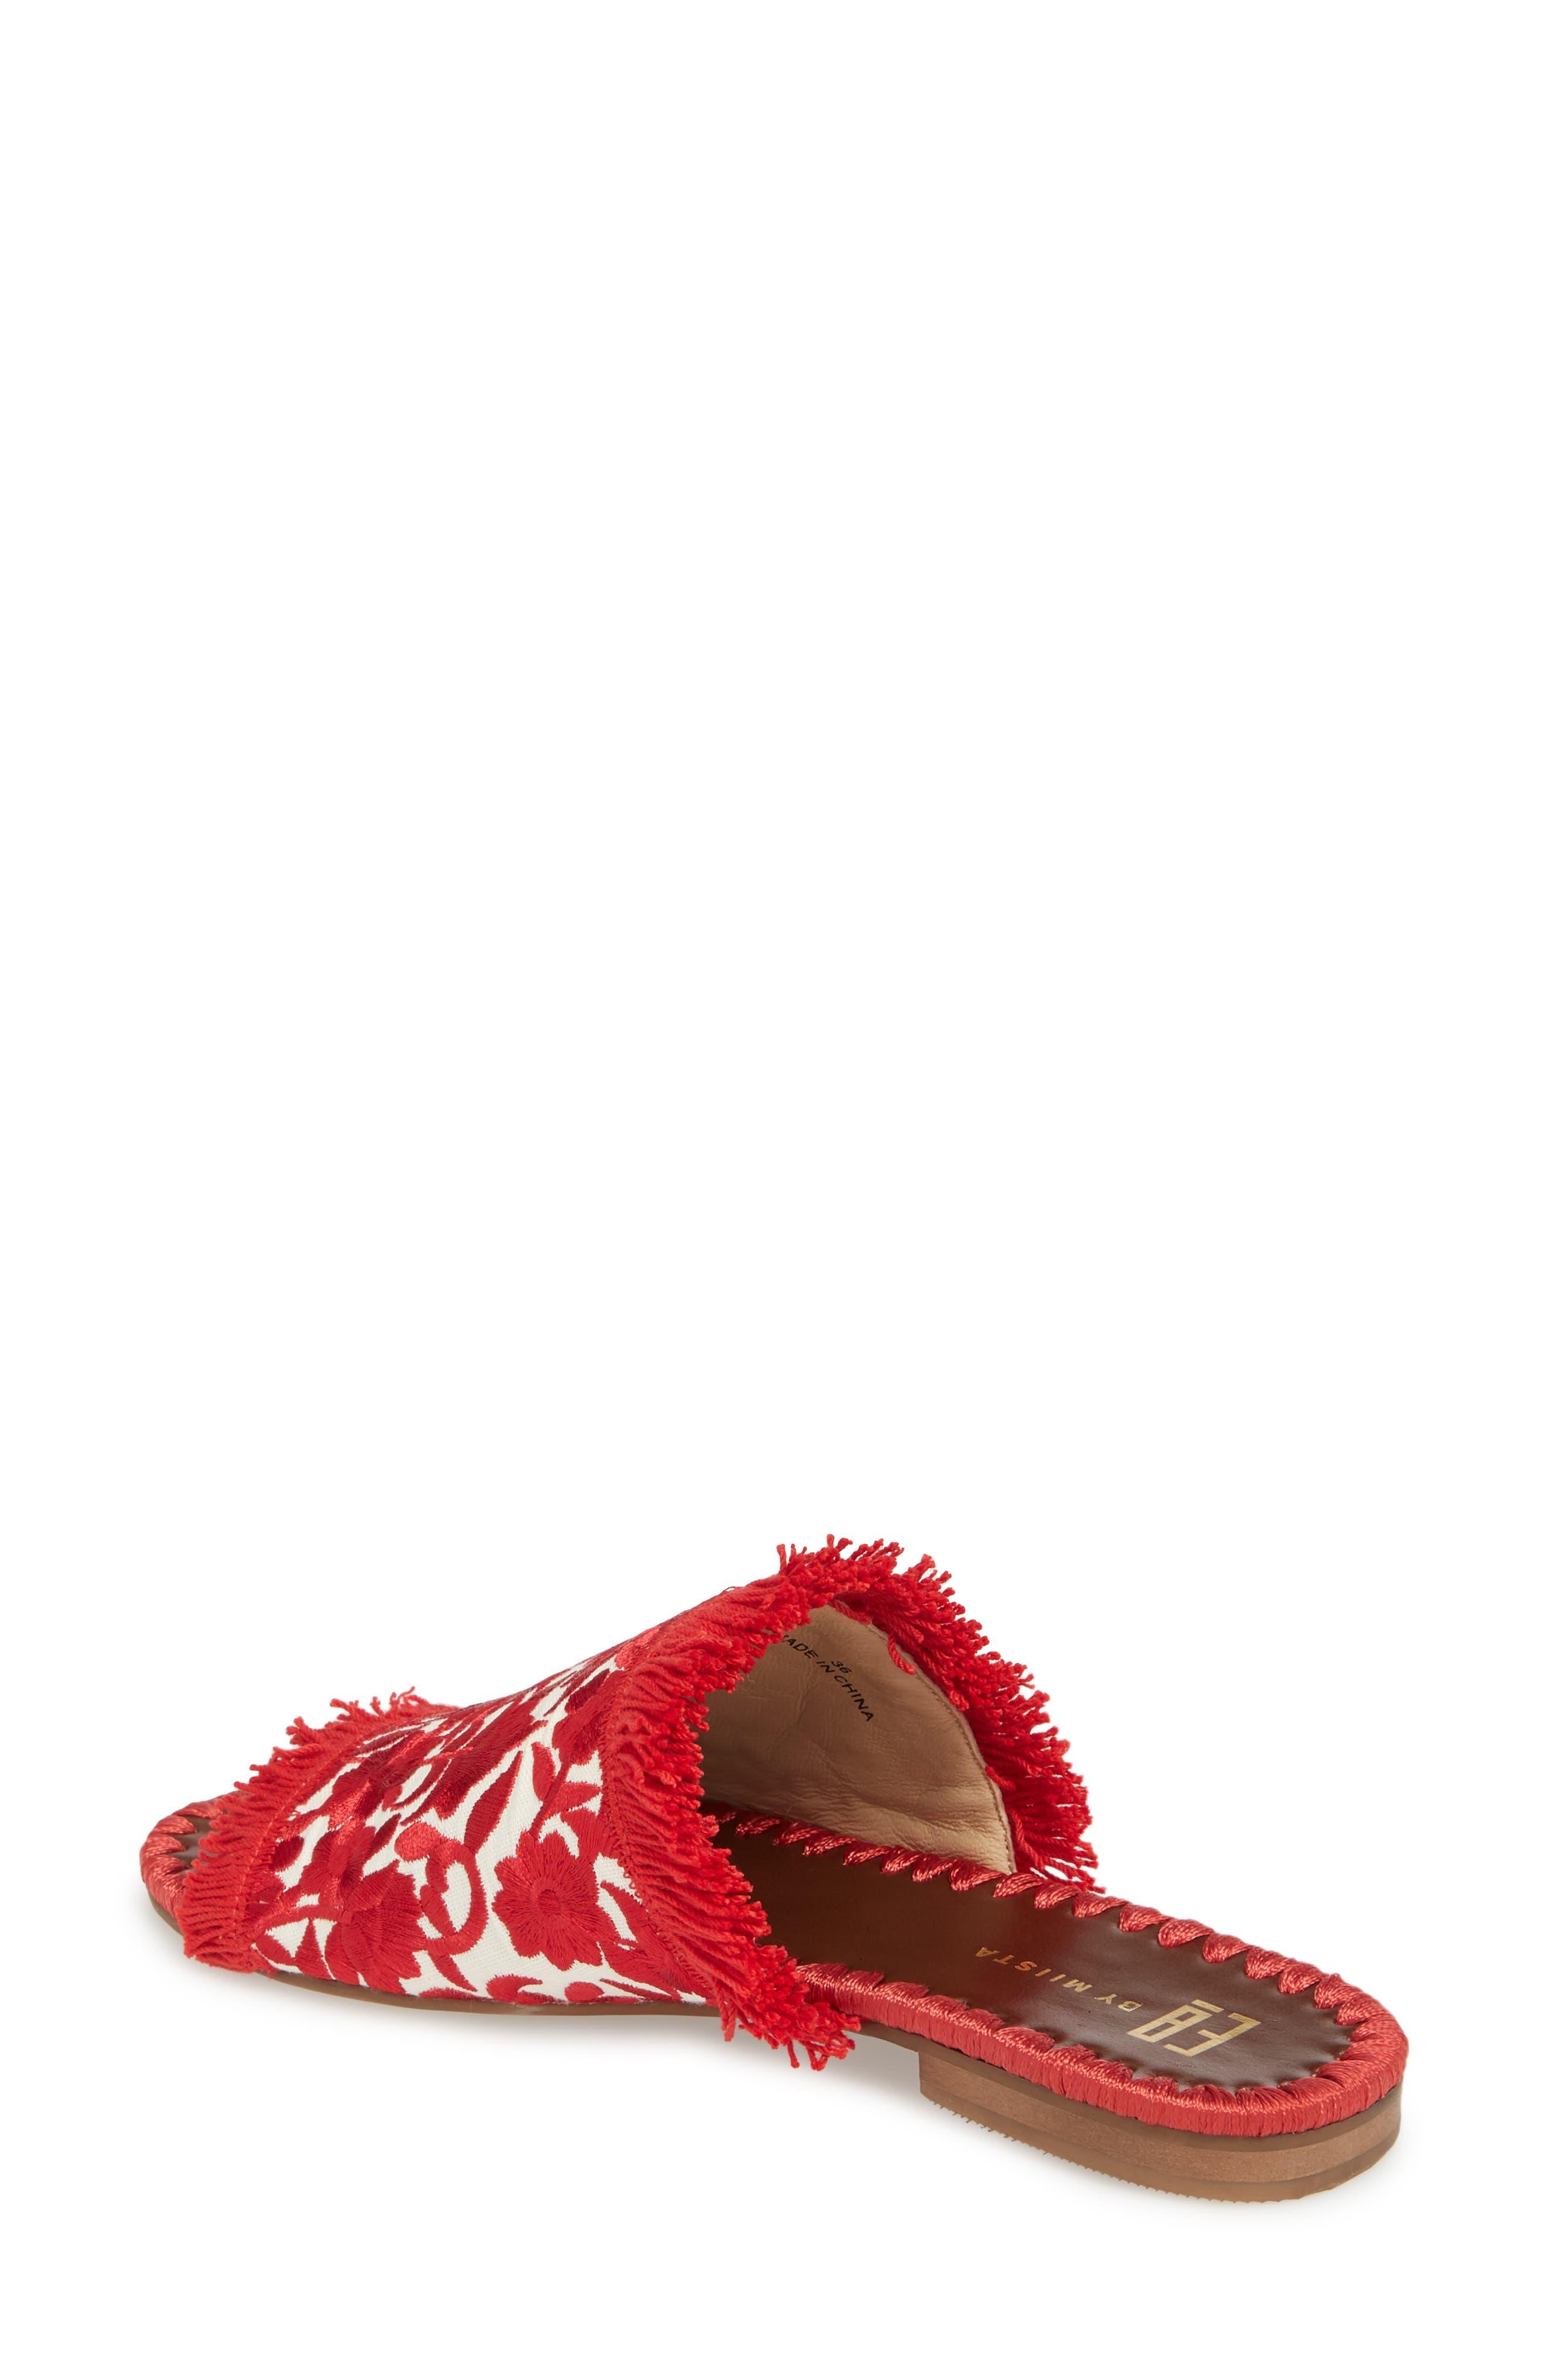 Tavie Fringed Slide Sandal,                             Alternate thumbnail 2, color,                             Red/ Cream Fabric